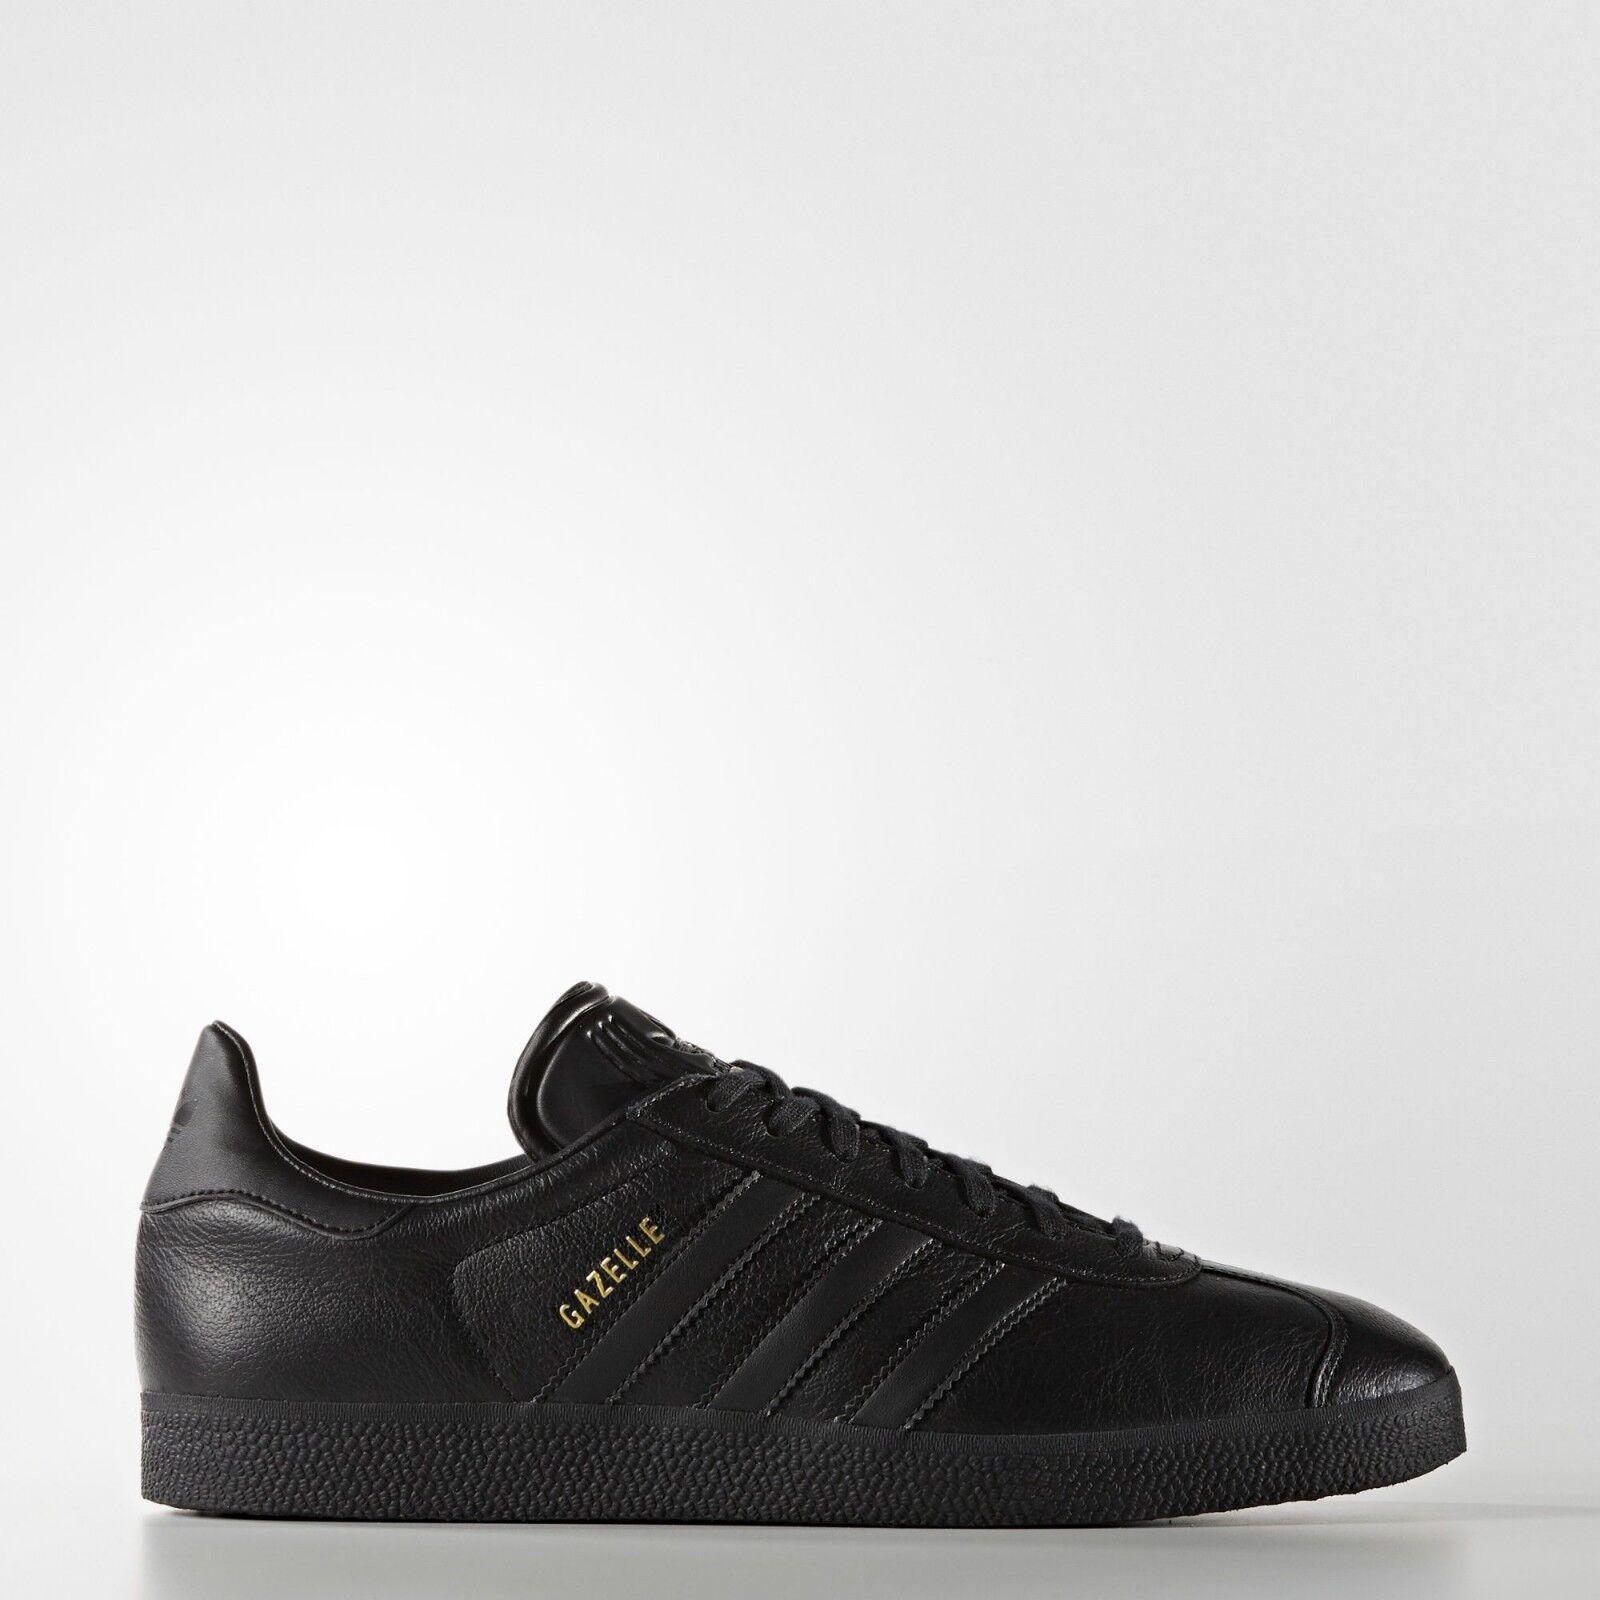 Adidas gazzella mens oro nero di pelle metallica metallica metallica atletico scarpe 10,5 11 10   2019 Nuovo  96e429